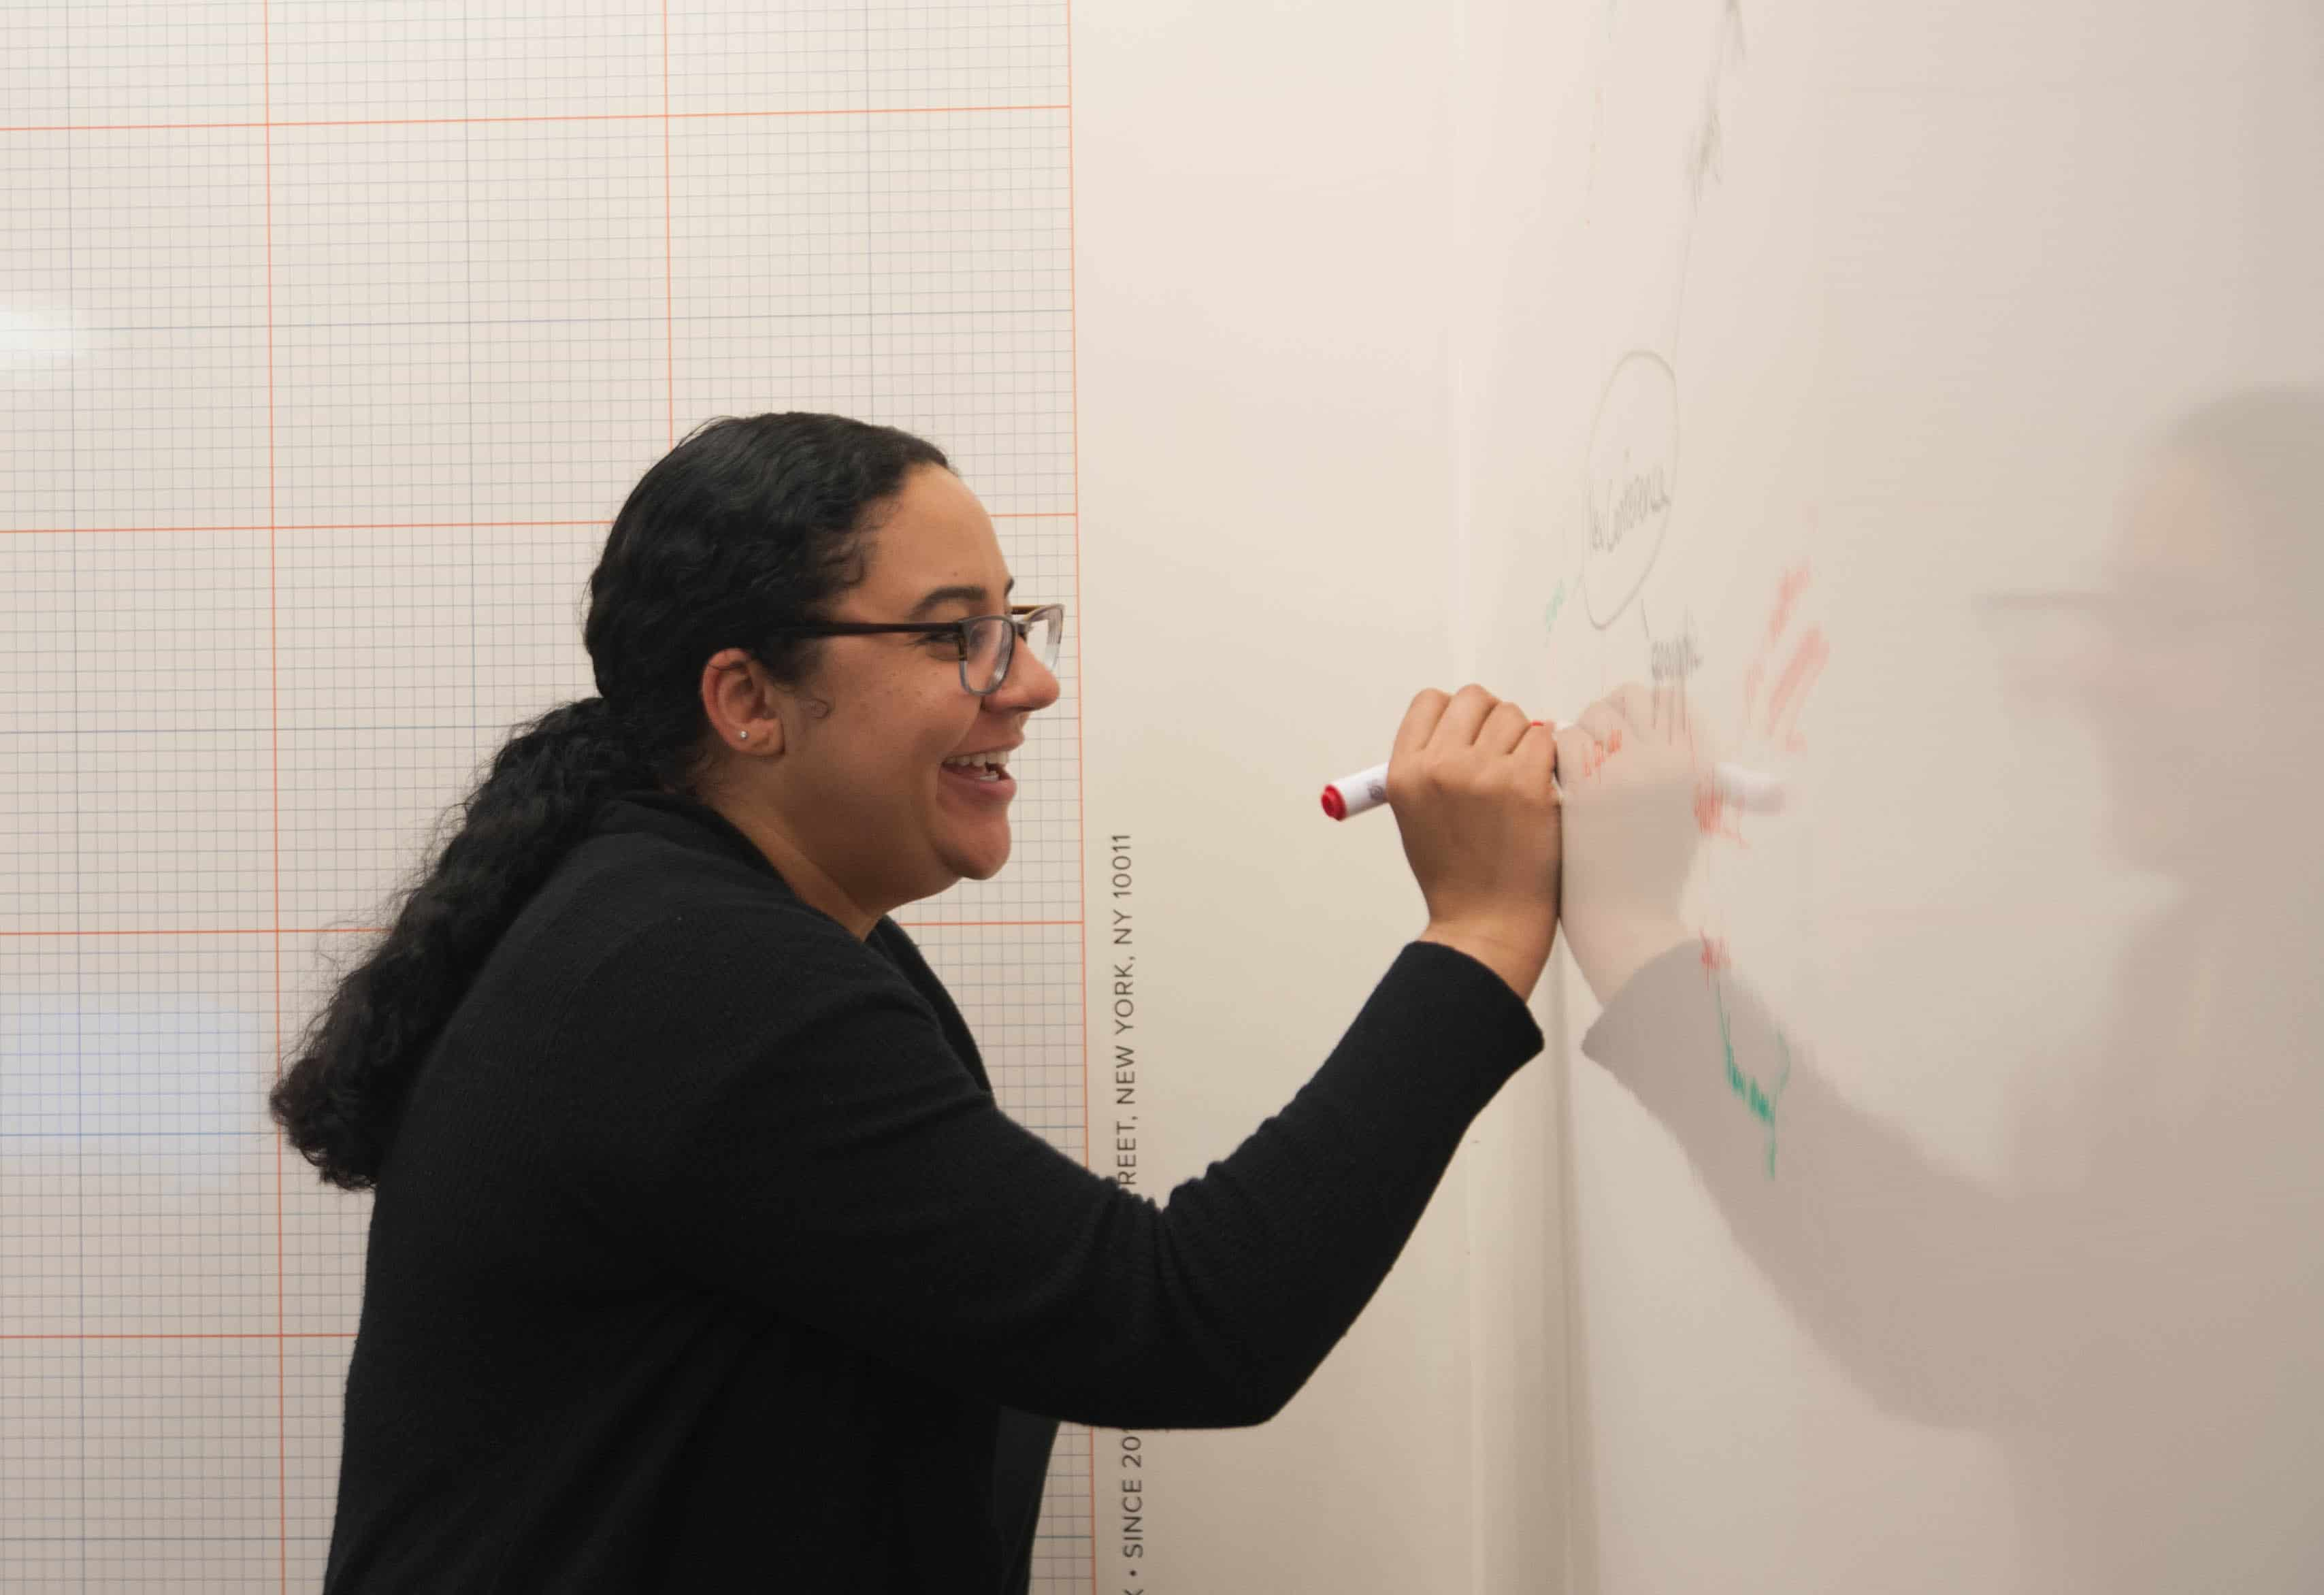 employee writing on whiteboard